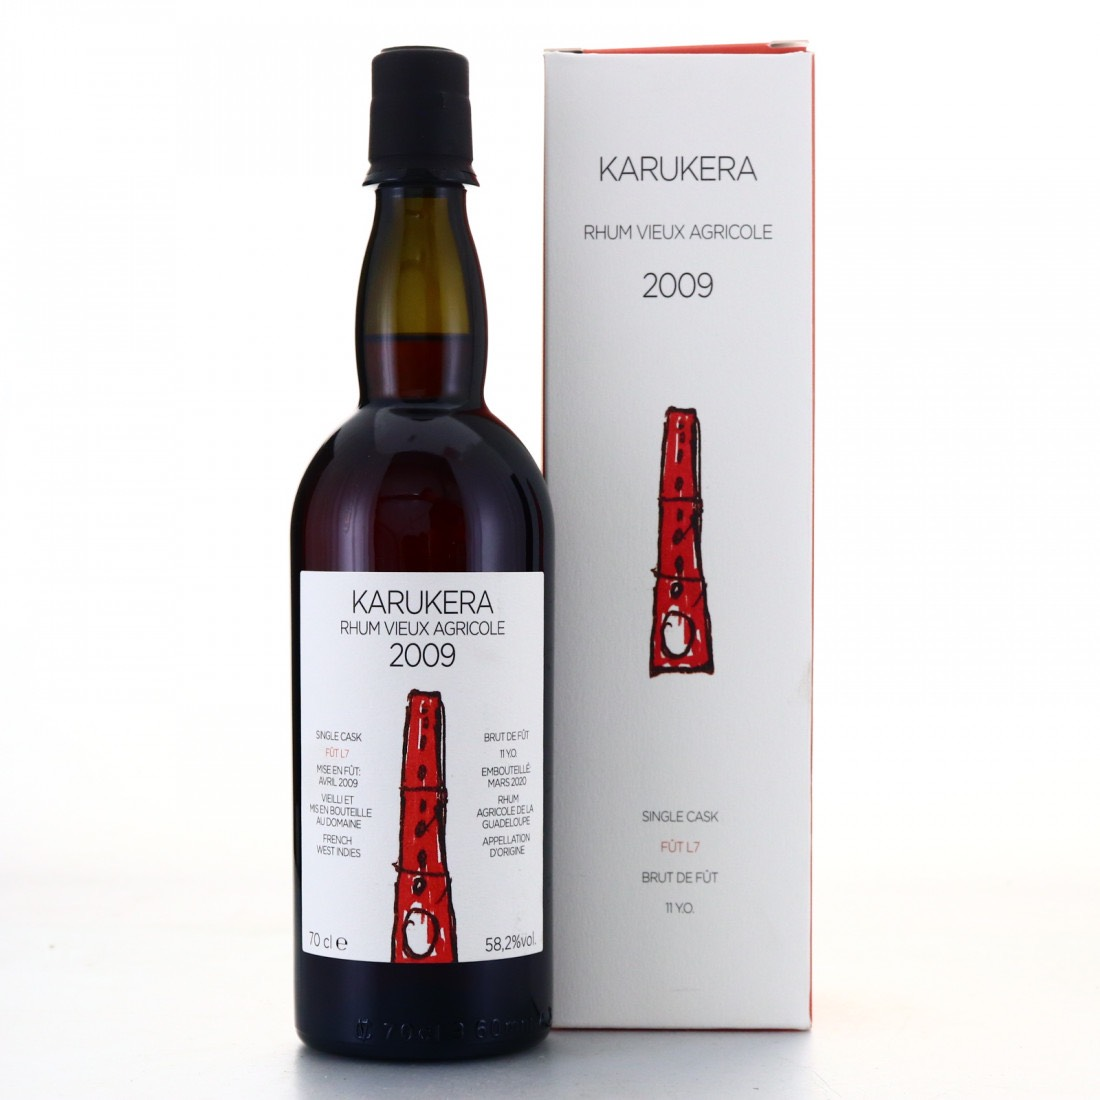 Bottle image of Karukera Japoniani Rhum Vieux Agricole